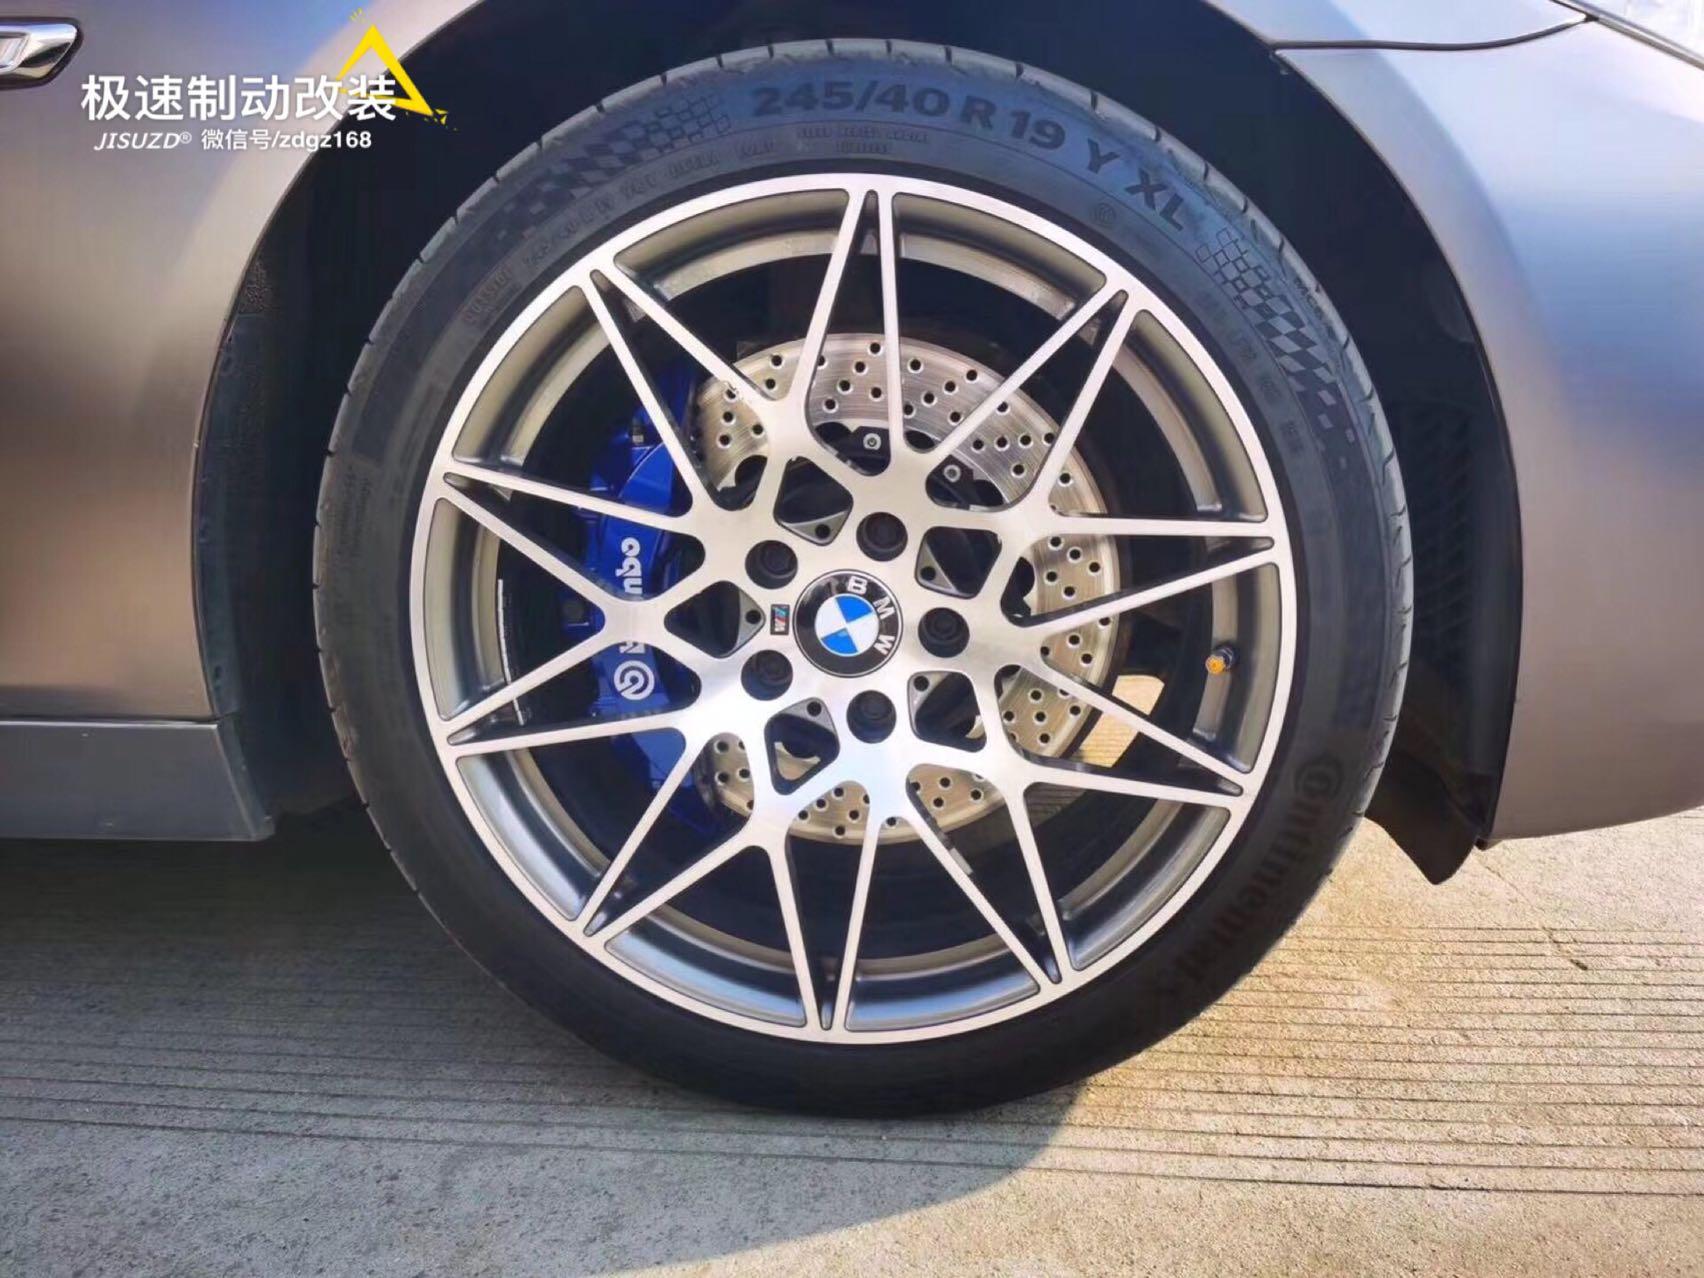 宝马5系升级布雷博通用款前六后四后轮双卡钳安装(定制蓝色)